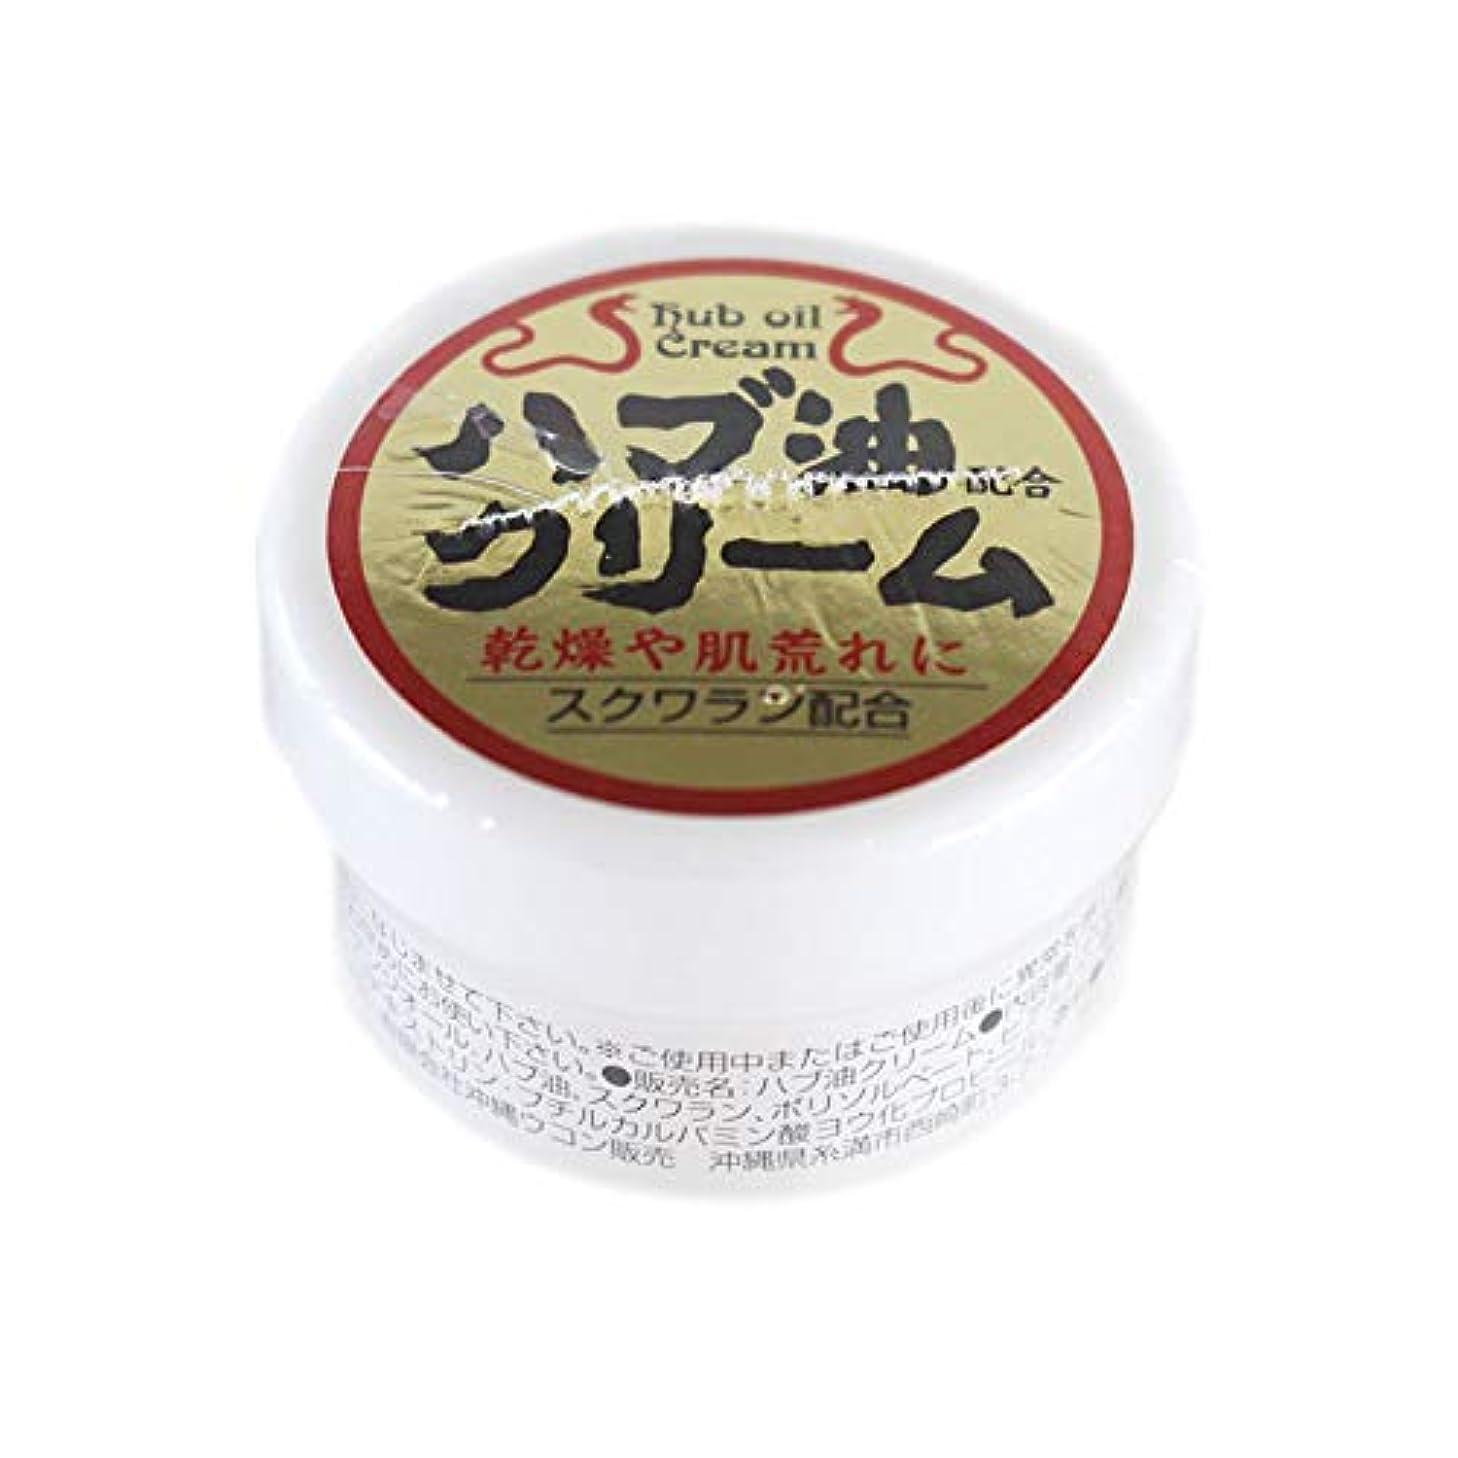 減る異議投げるハブ油配合クリーム 3個【1個?20g】